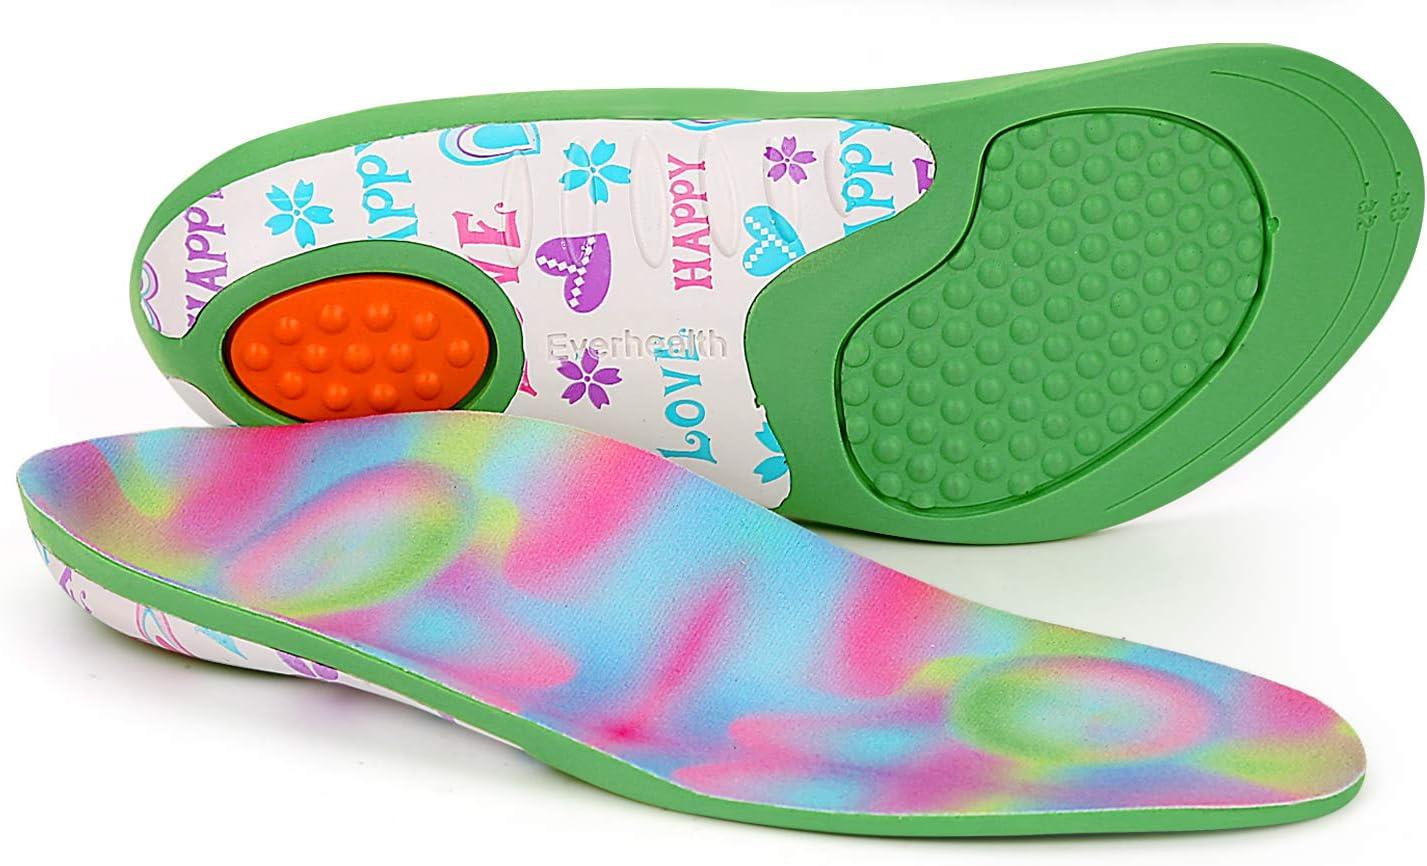 Plantillas para niños Insertos de zapatos Ortesis Comfort Arch Support, Suela interna que absorbe los golpes Cojines para el talón, Pies planos, Pronación por debajo/por encima (29-31 EU)